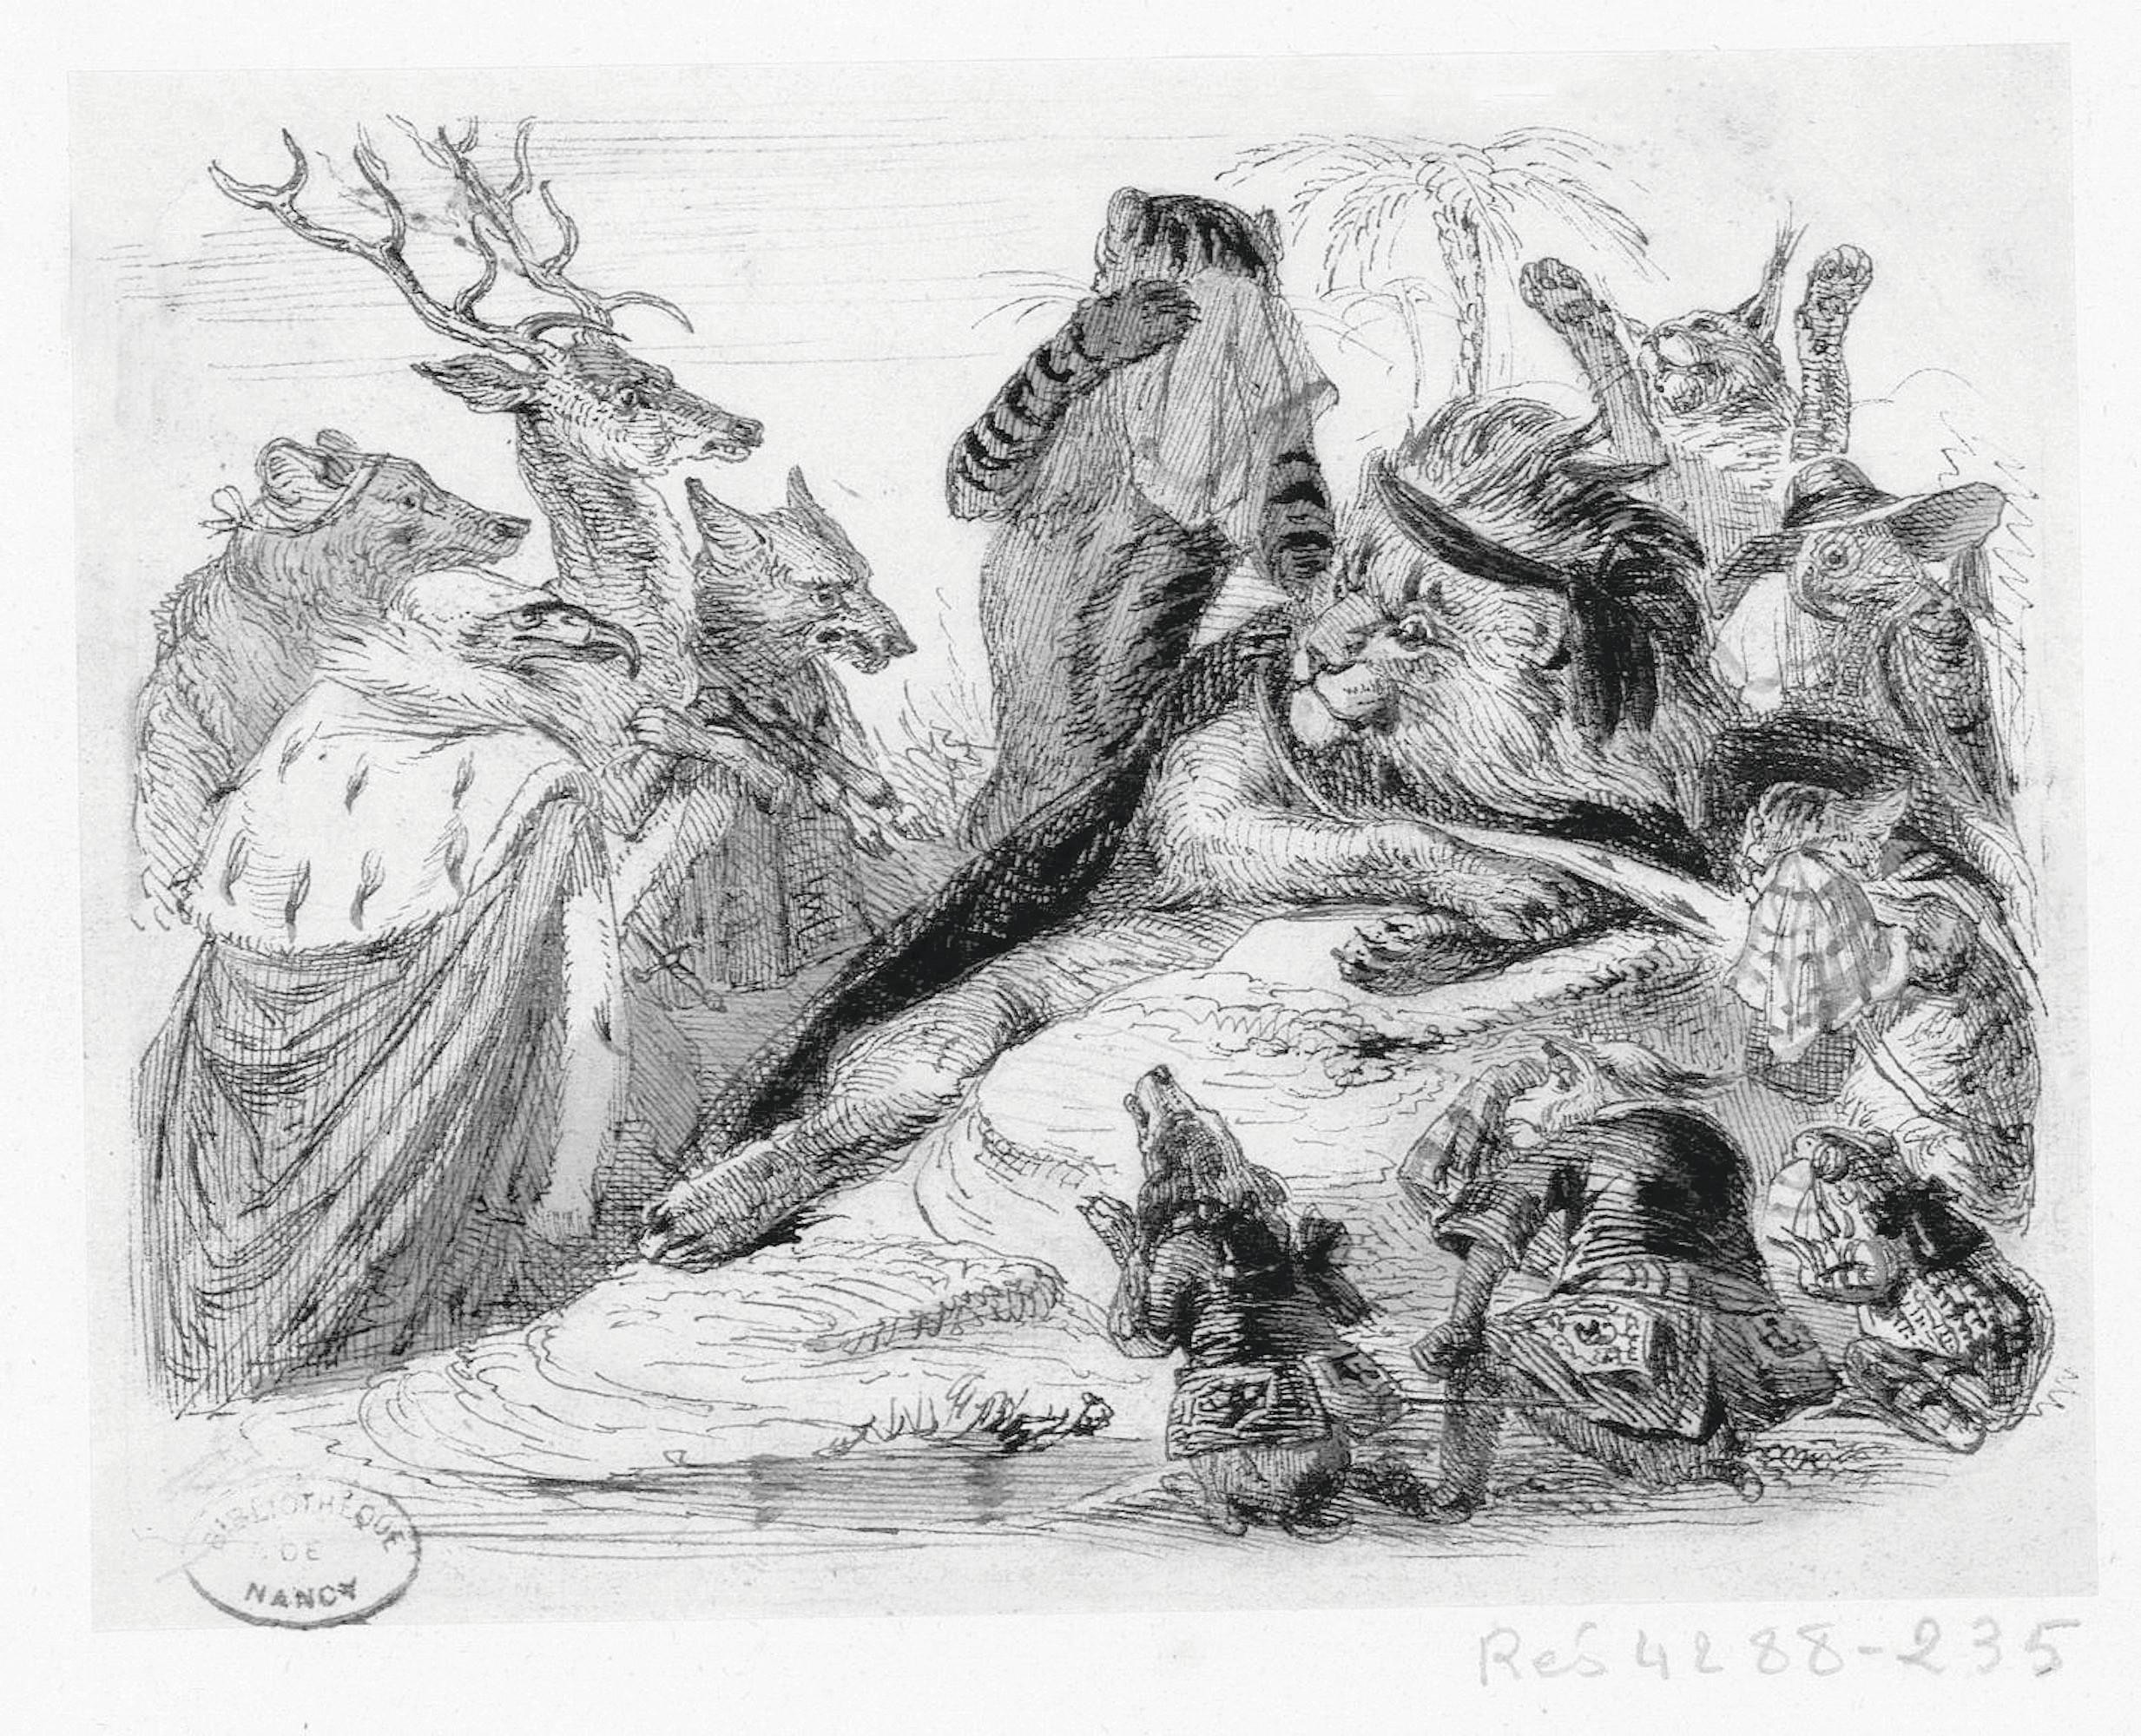 Jean-Jacques Grandville, Les Obsèques de la lionne, 1837 - 1838, gravure, Bibliothèque municipale de Nancy.